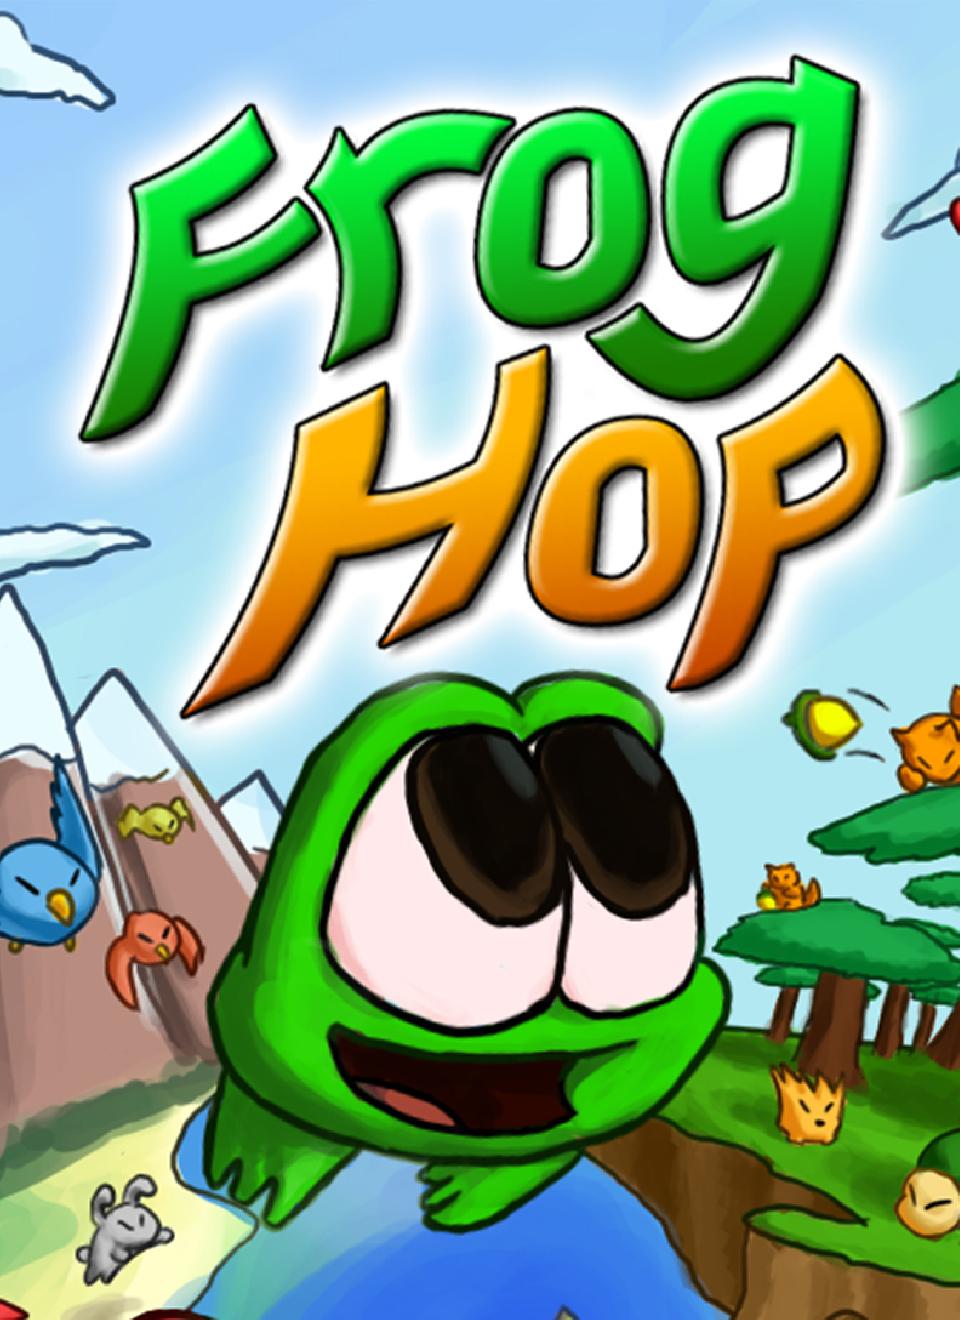 hop frog Hop-frog est une nouvelle de l'écrivain américain edgar allan poe qui fut publiée en mars 1849 dans un journal bostonien, the flag of our union.